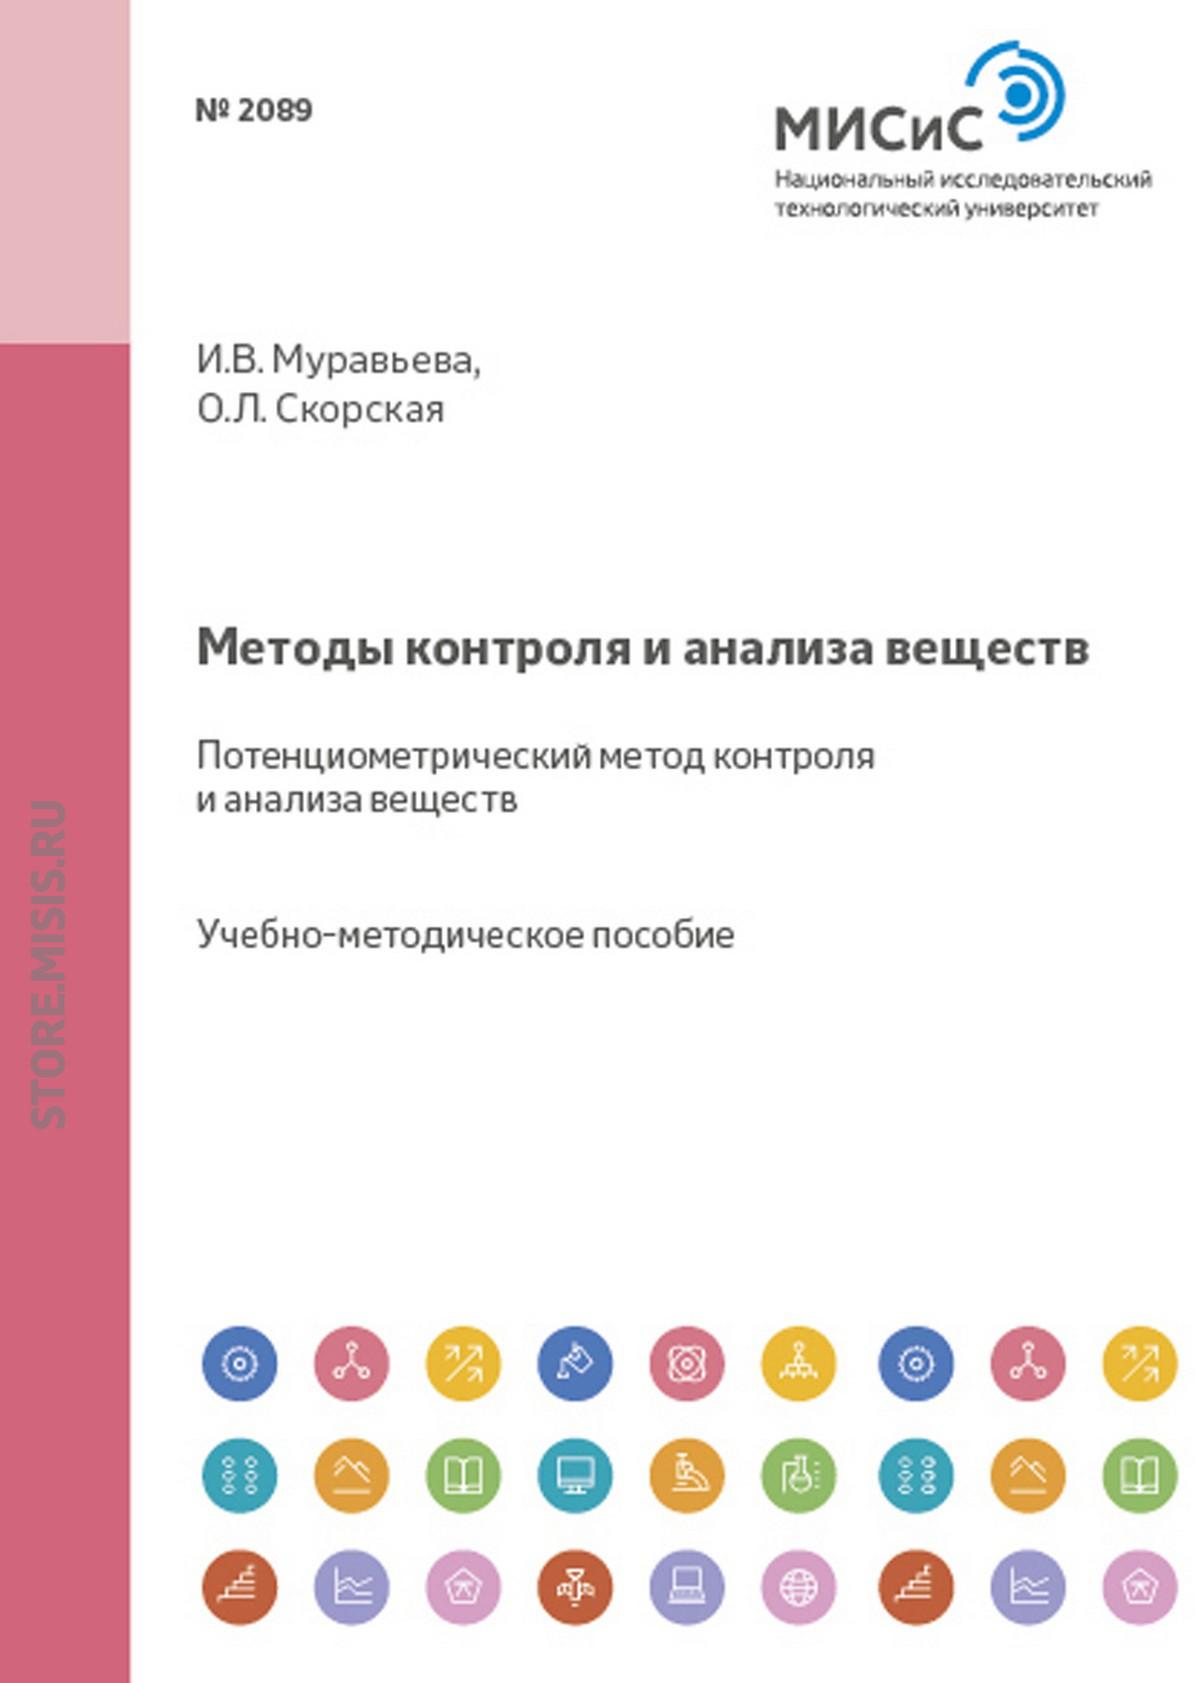 Ольга Скорская Методы контроля и анализа веществ. Потенциометрический метод контроля и анализа веществ